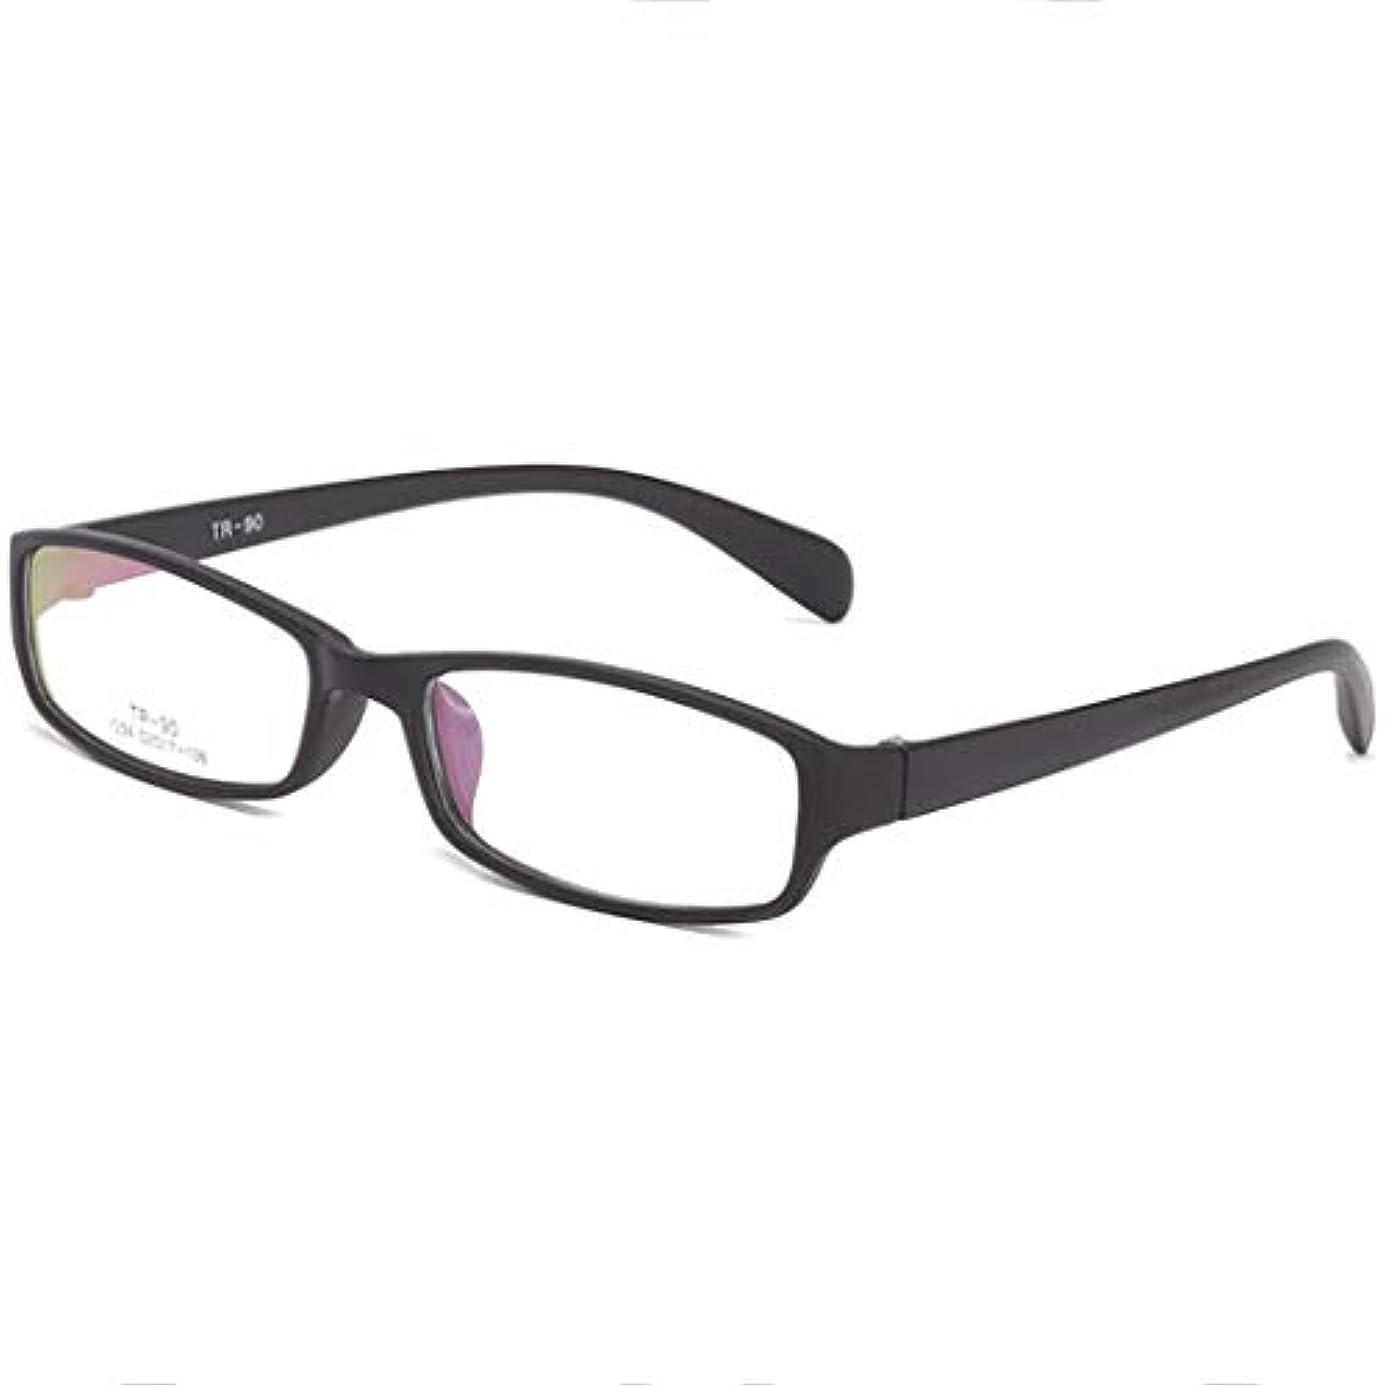 ストラップモーション潤滑する女性のファッション超軽量エレガントでシンプルで快適な古い光の抗疲労樹脂のHD老人男性メガネメガネ男性 花が咲く (Color : B, Edition : +3.00)